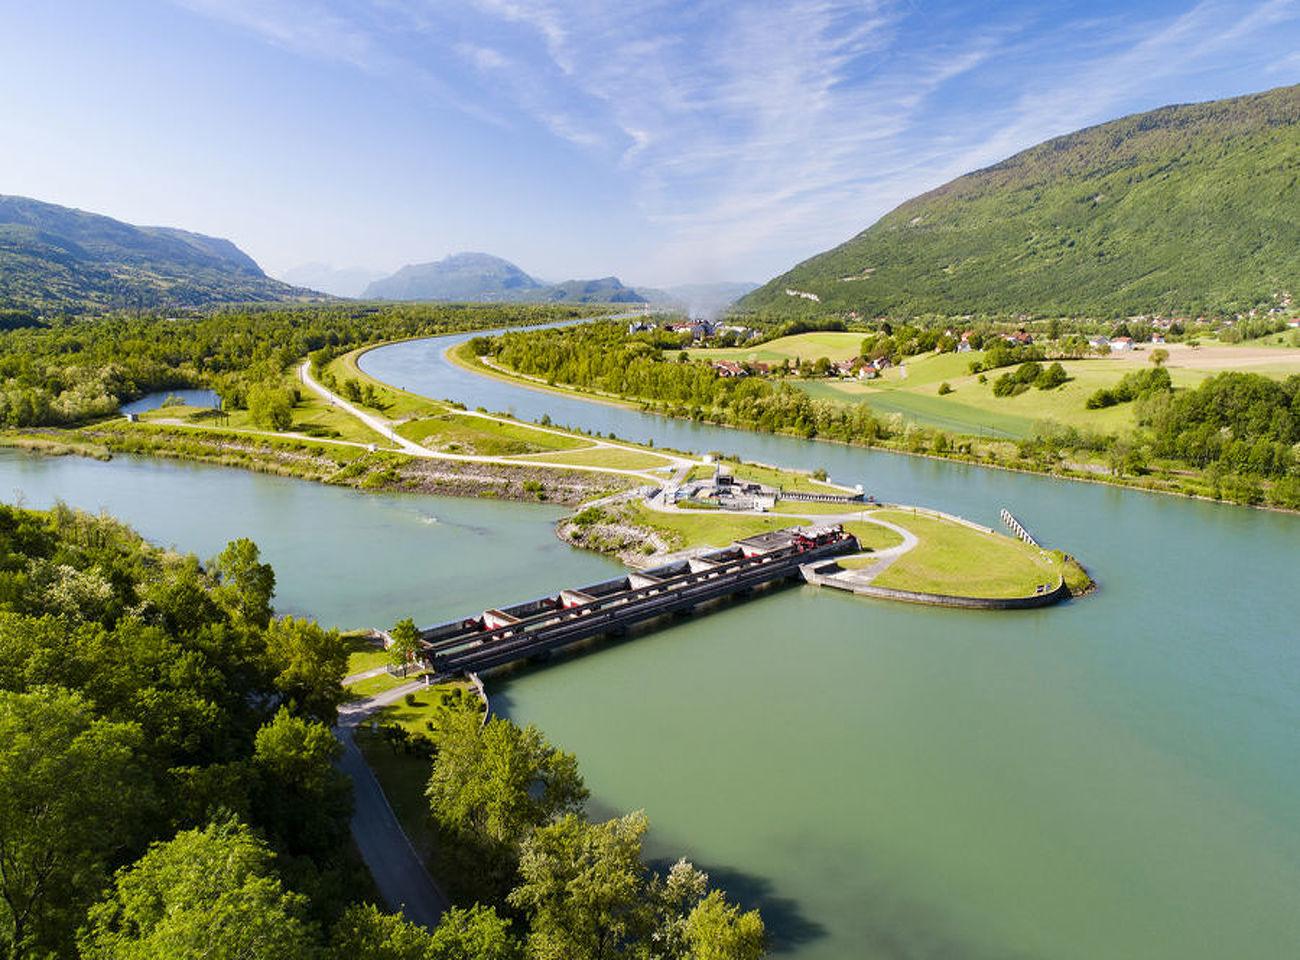 Randonnée VAE Les berges du Rhône